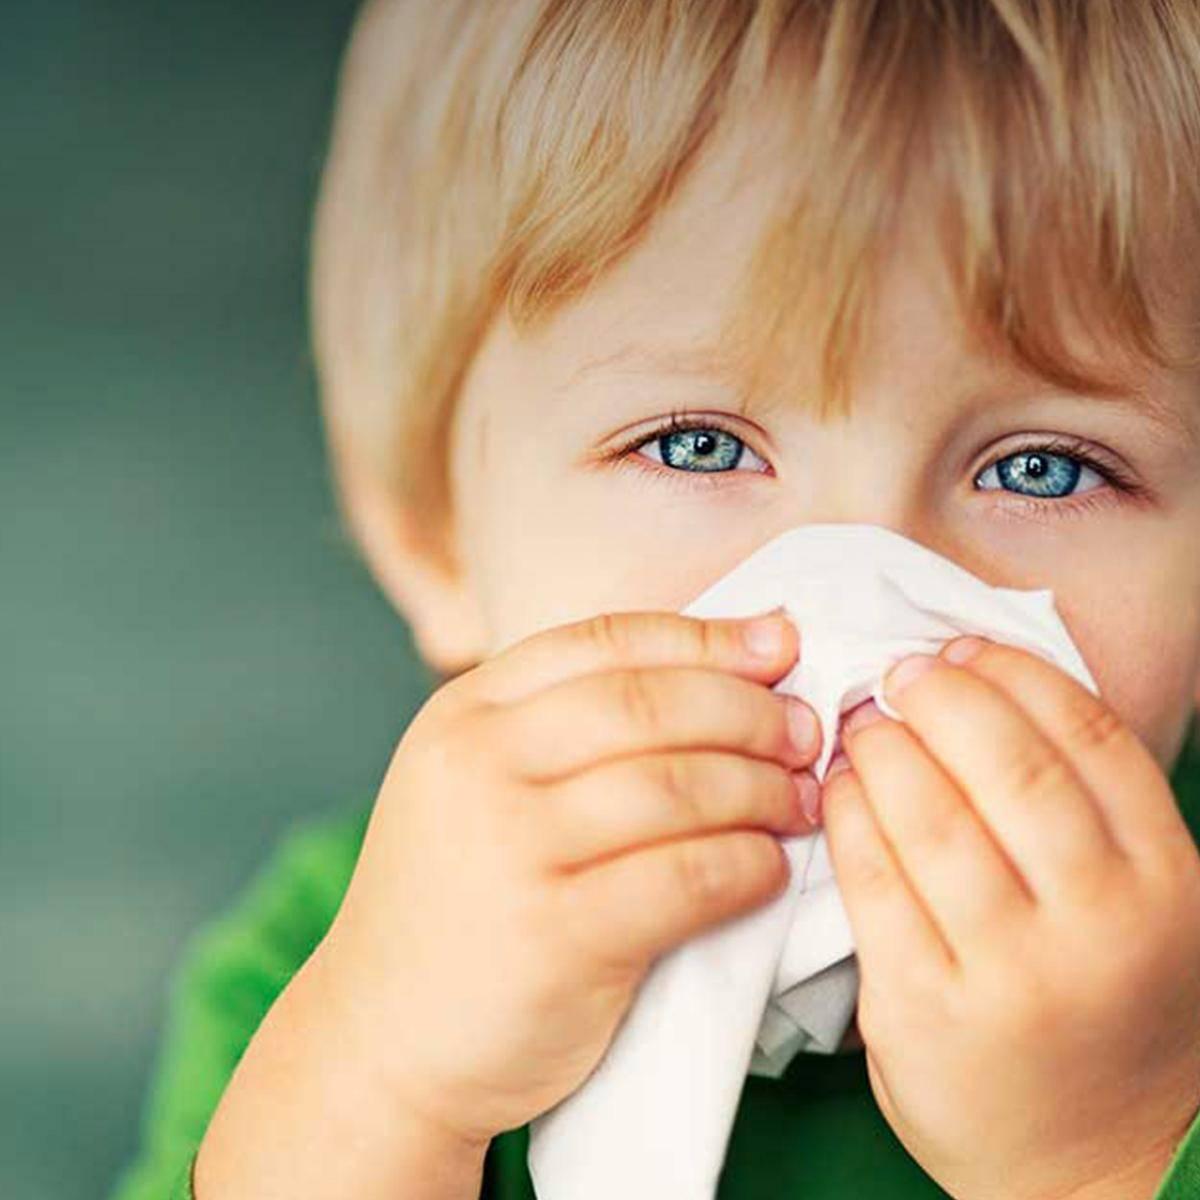 Что делать, если у ребёнка гноятся глаза и насморк